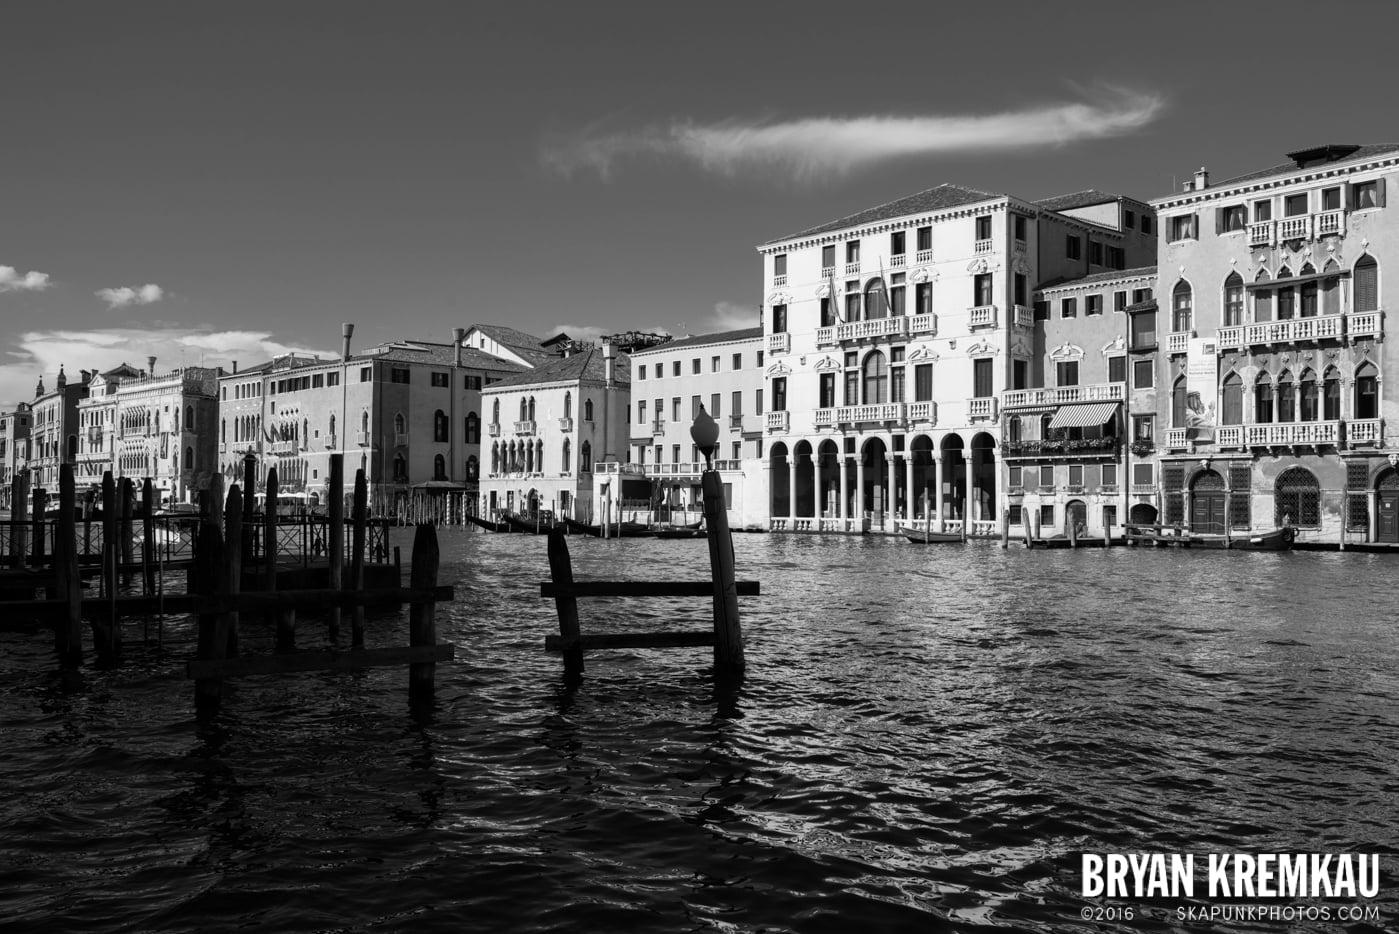 Italy Vacation - Day 4: Venice - 9.12.13 (57)